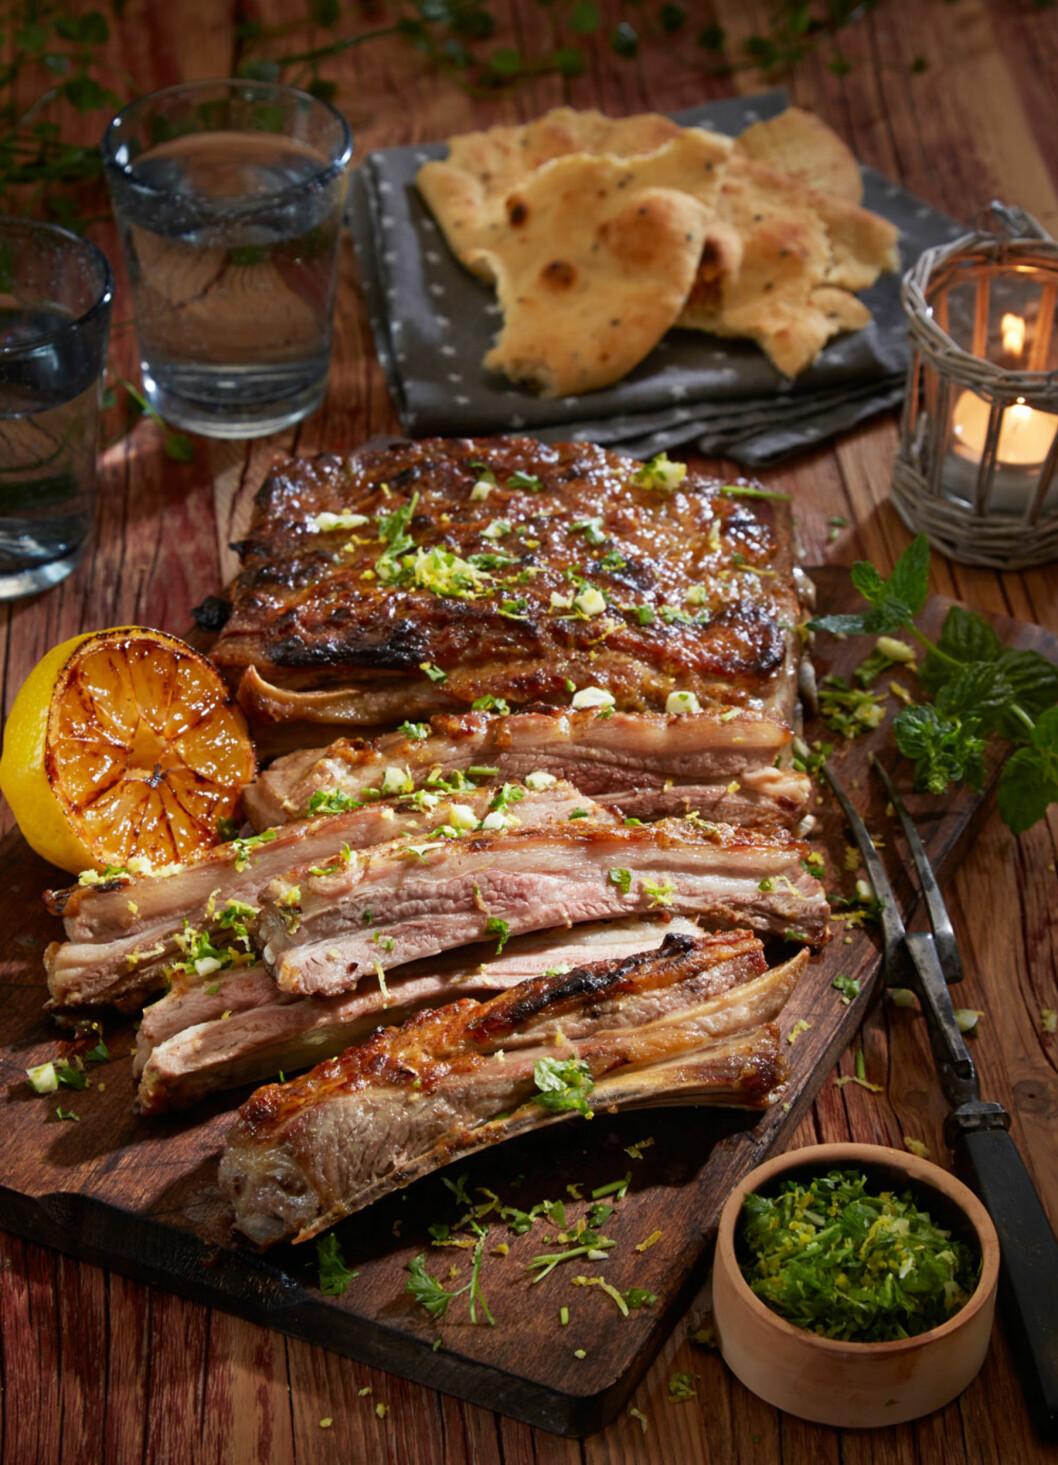 LAMMERIBBE MED GREMOLATA: Lammeribbe er røff og ujålete mat som egner seg til et enkelt måltid med gode venner eller på tapasbordet. Her er det nesten påbudt å spise med fingrene! Foto: Synøve Dreyer